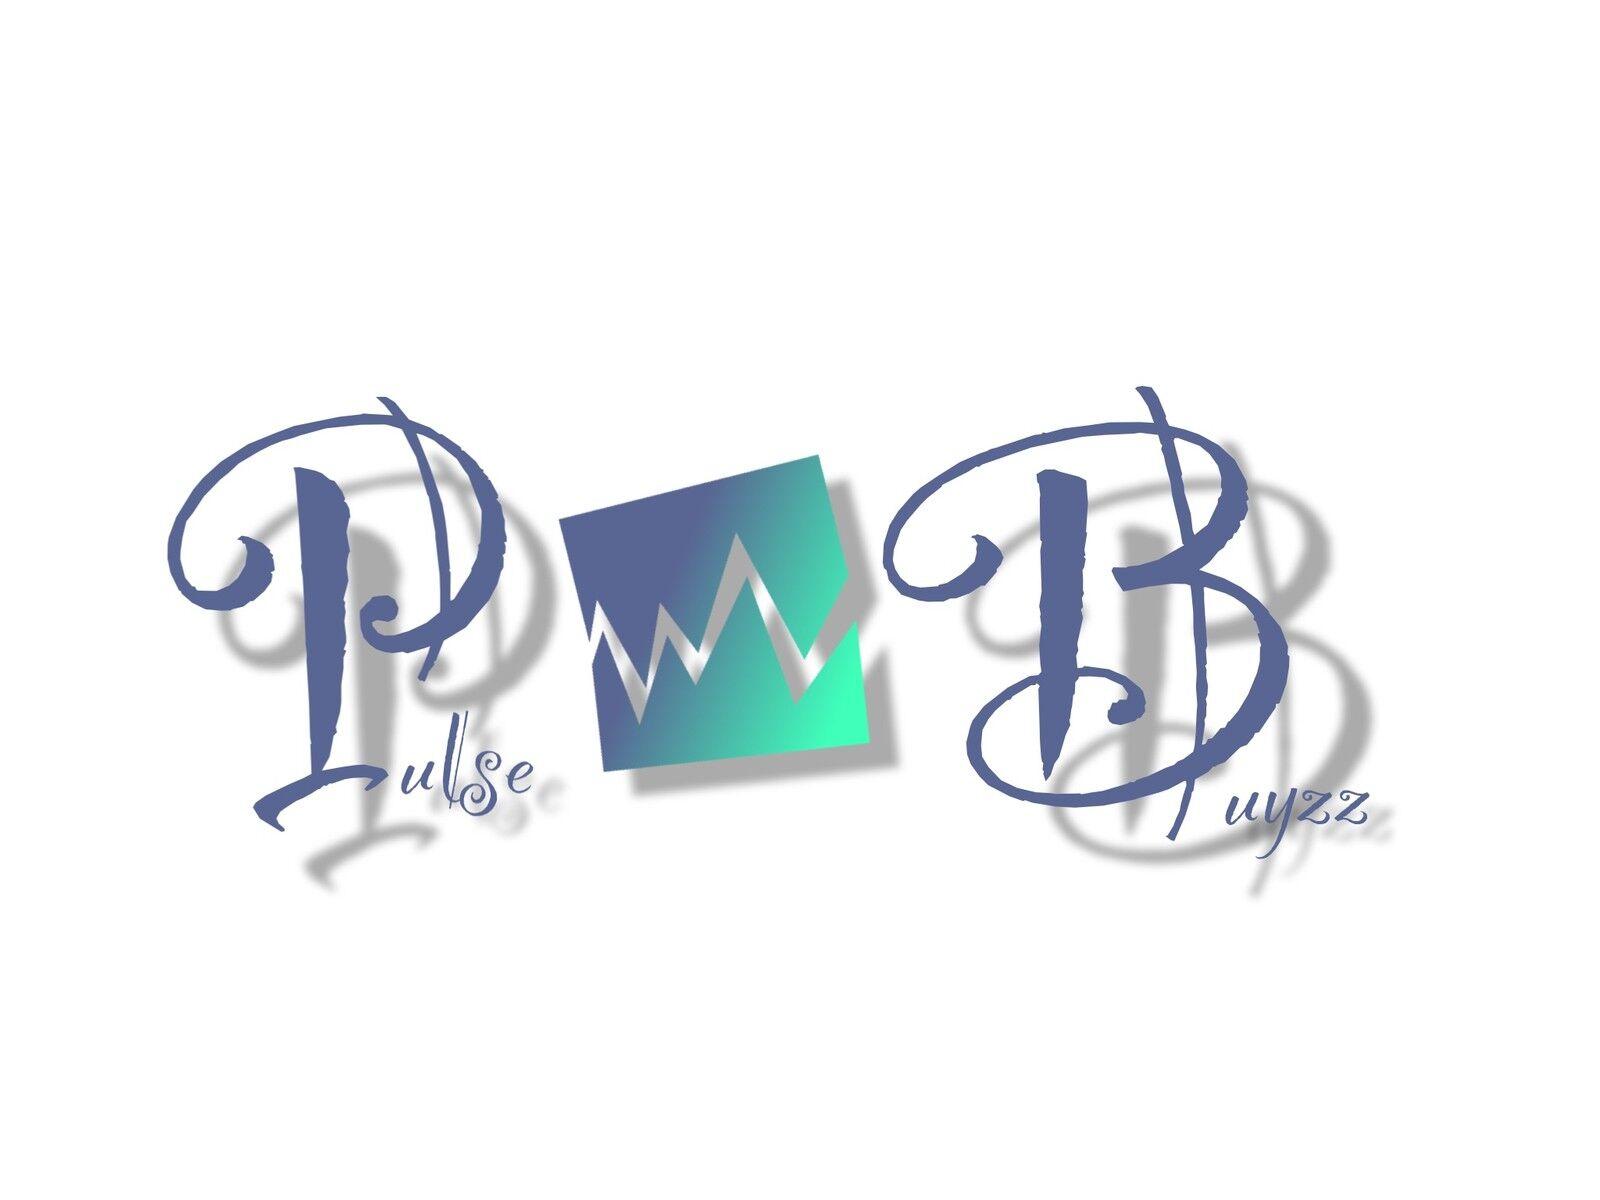 pulsebuyzz